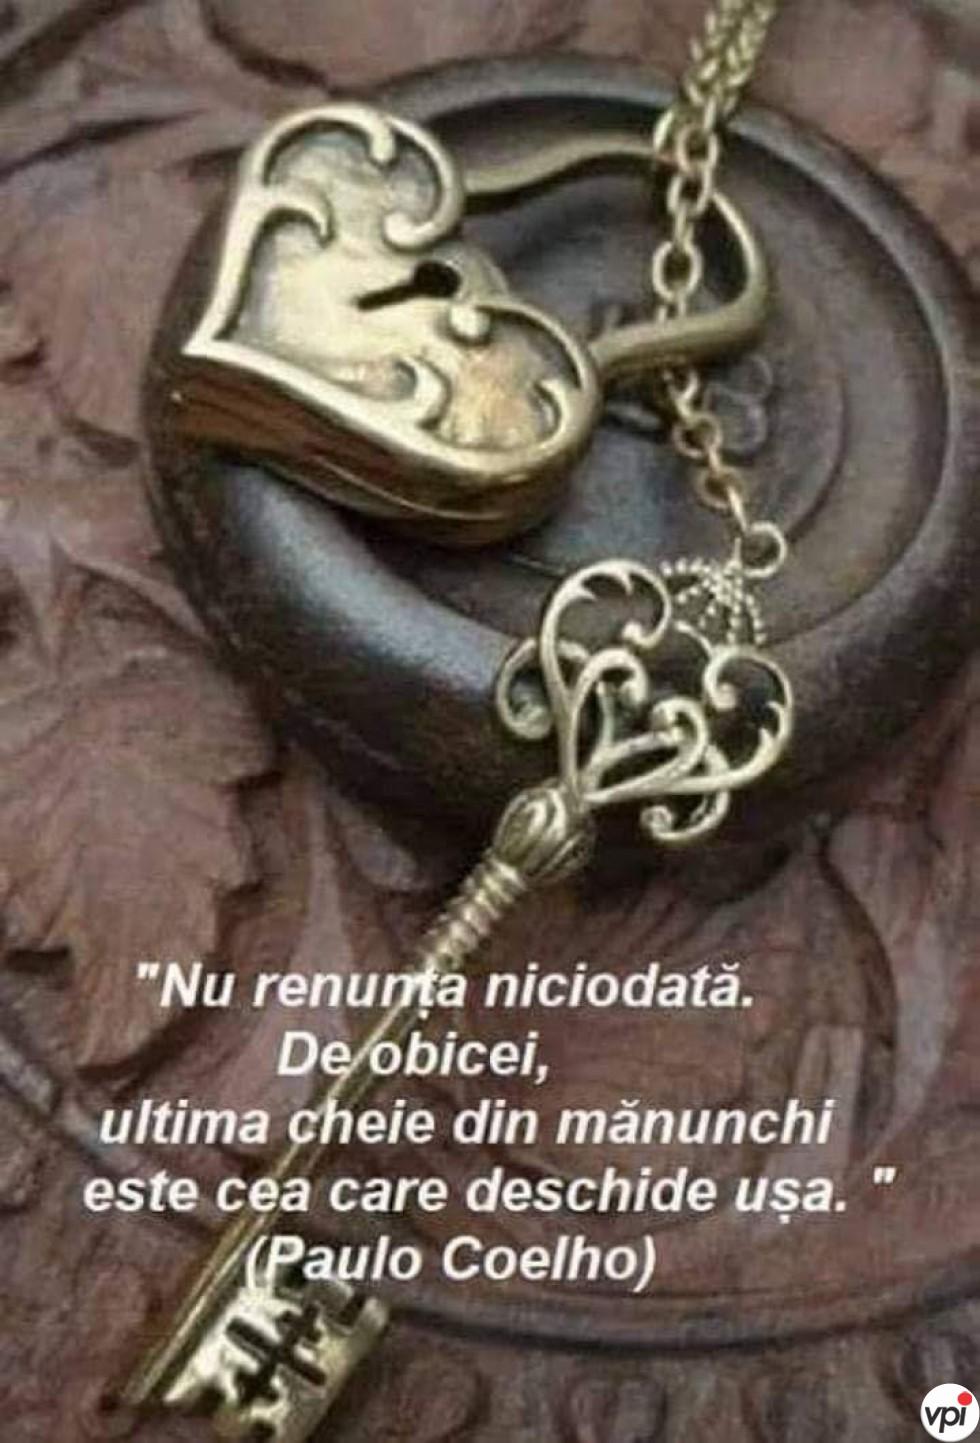 Cheia care deschide ușa